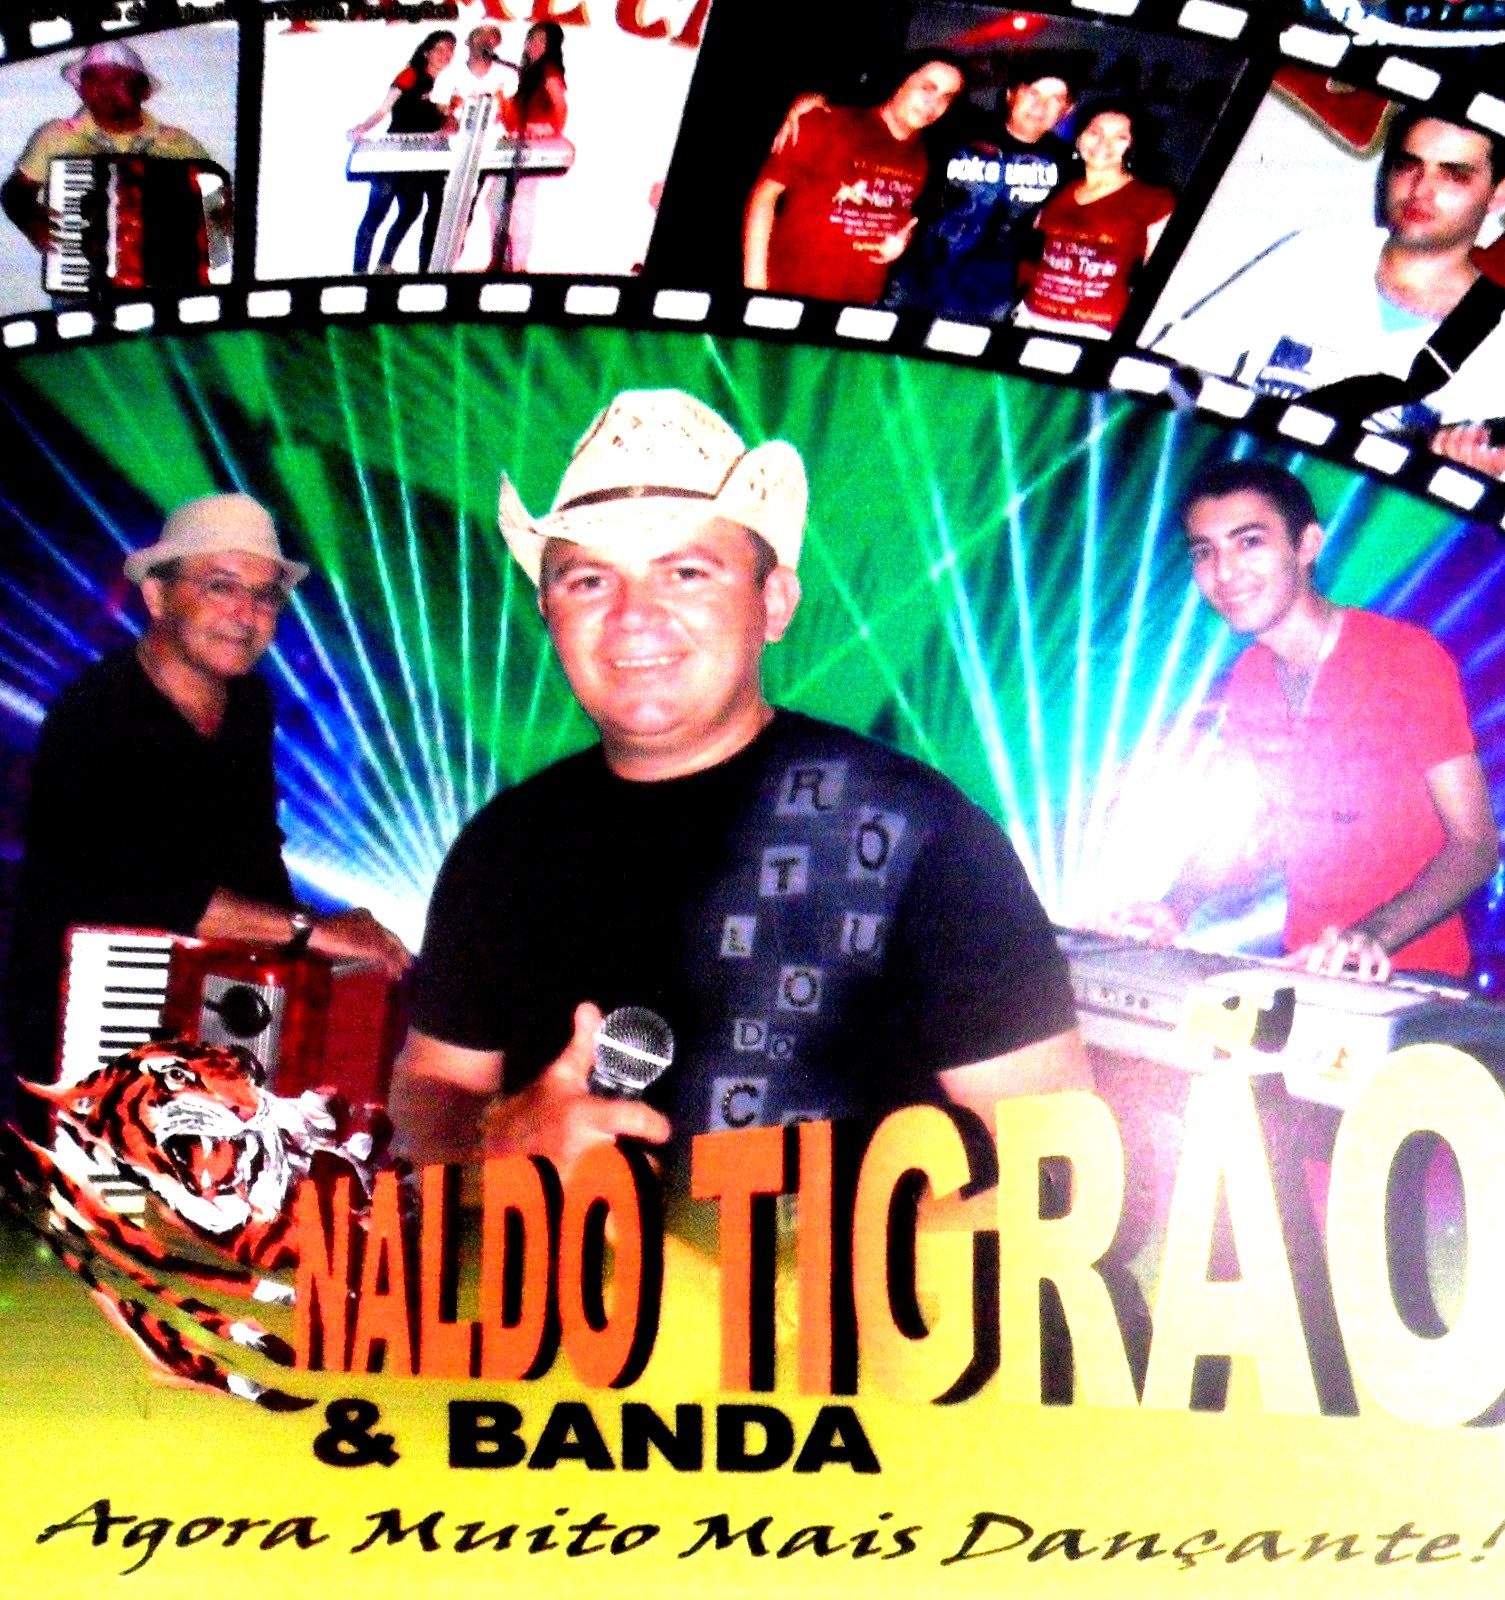 Naldo Tigrão & Banda 2013 Forró & Seresta